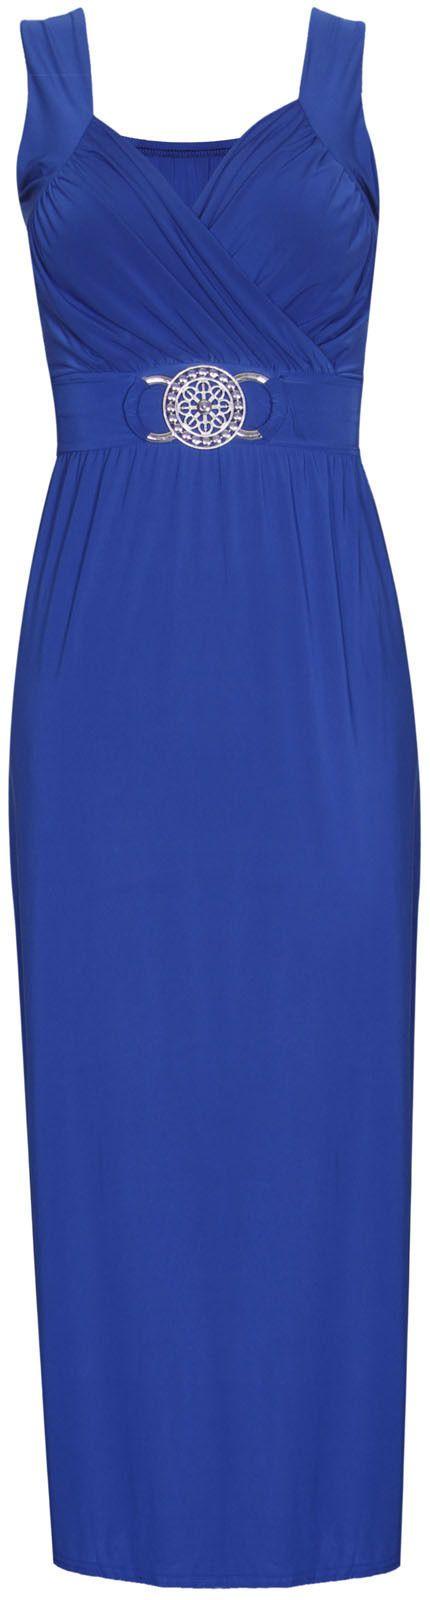 Vestito lungo donna avvolgente senza maniche con cintura Da sera Plus Size | eBay